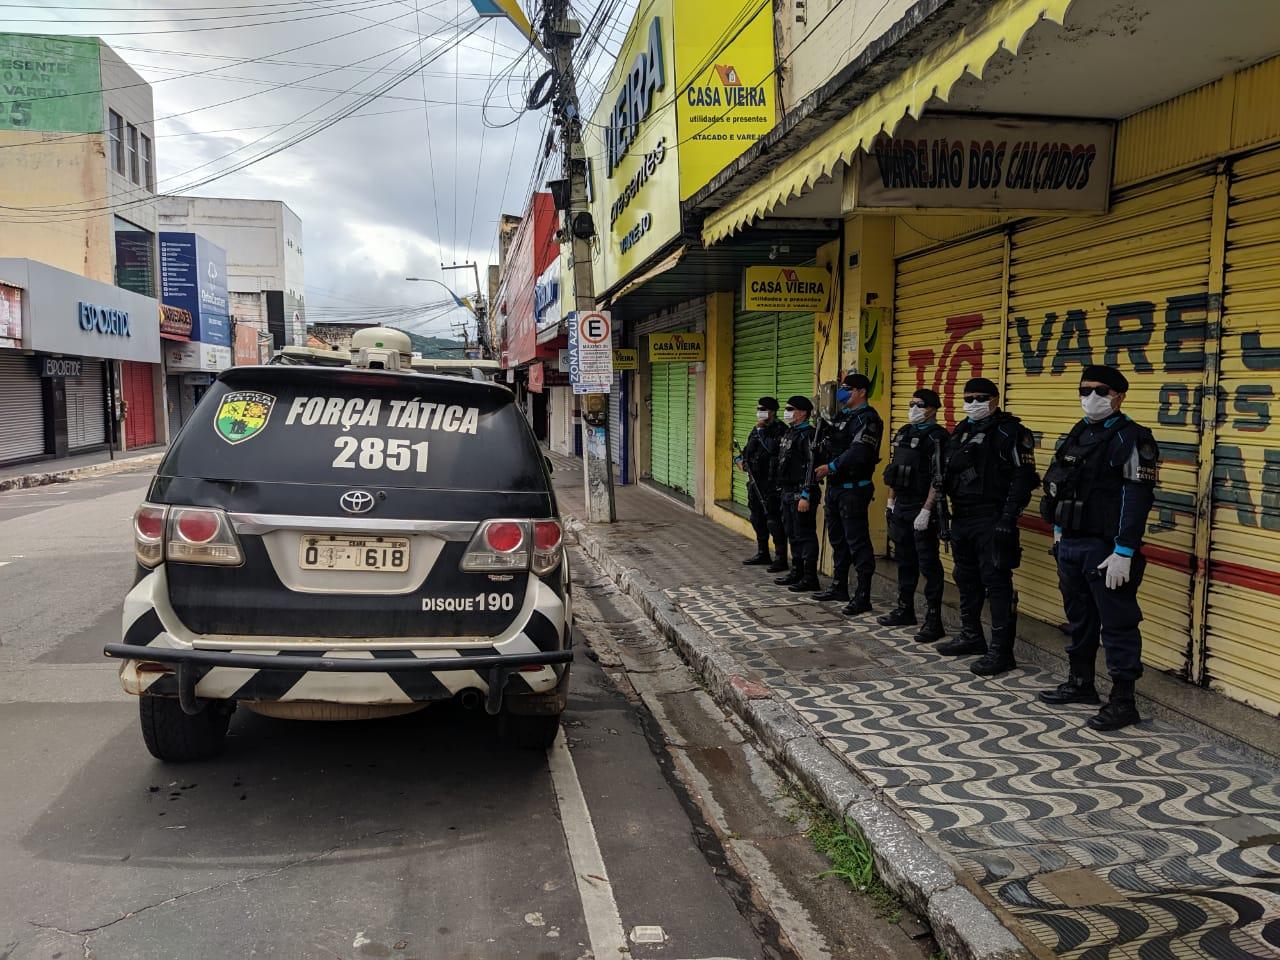 Força Tática do 2° BPM desenvolve ações visando garantir a segurança da população Juazeirense, nesse período de combate ao COVID-19 - Agência Caririceara (1)